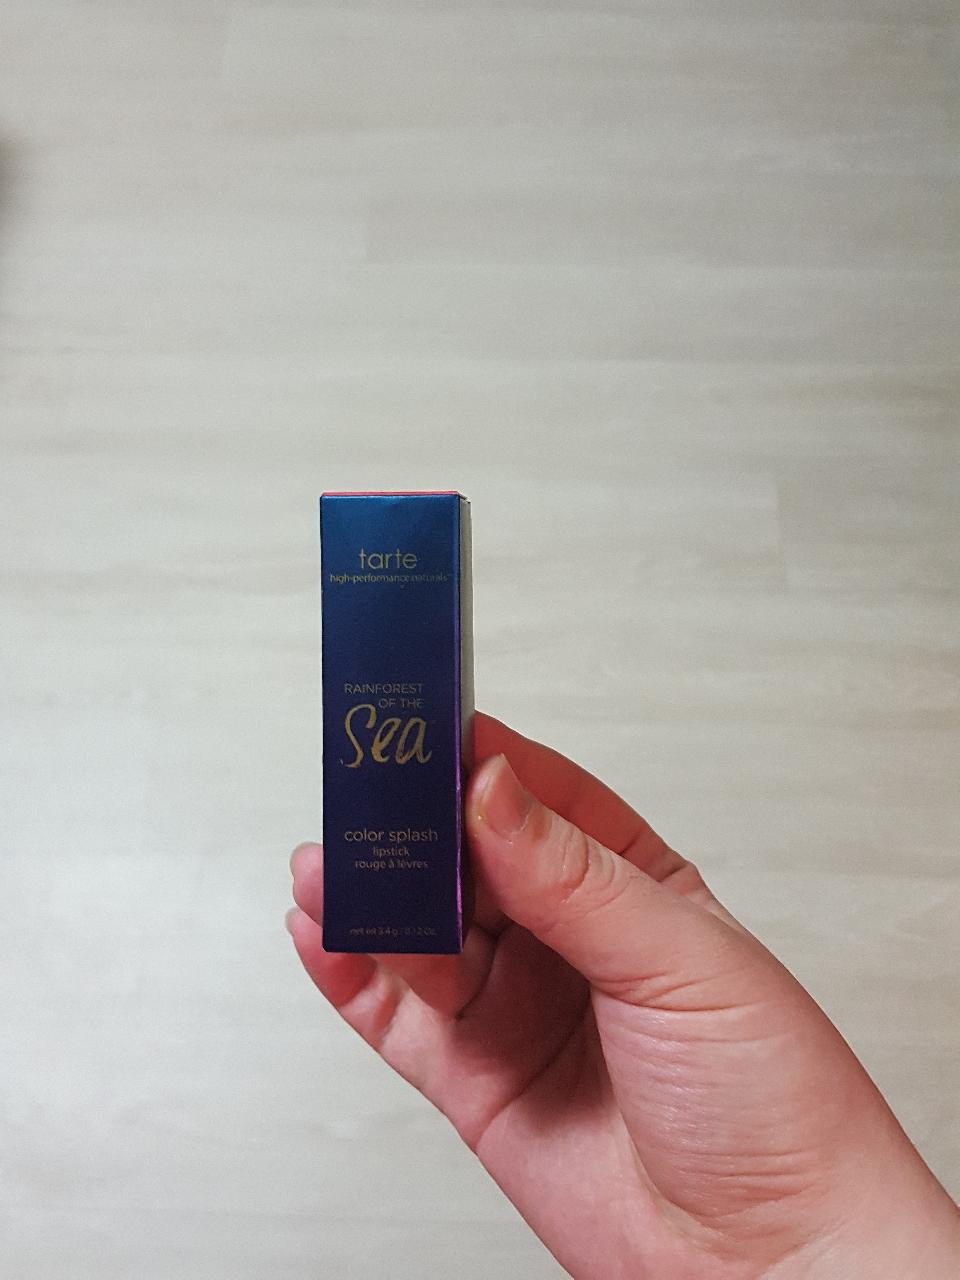 미국 유명 브랜드 tarte 레드코랄 립스틱 새제품